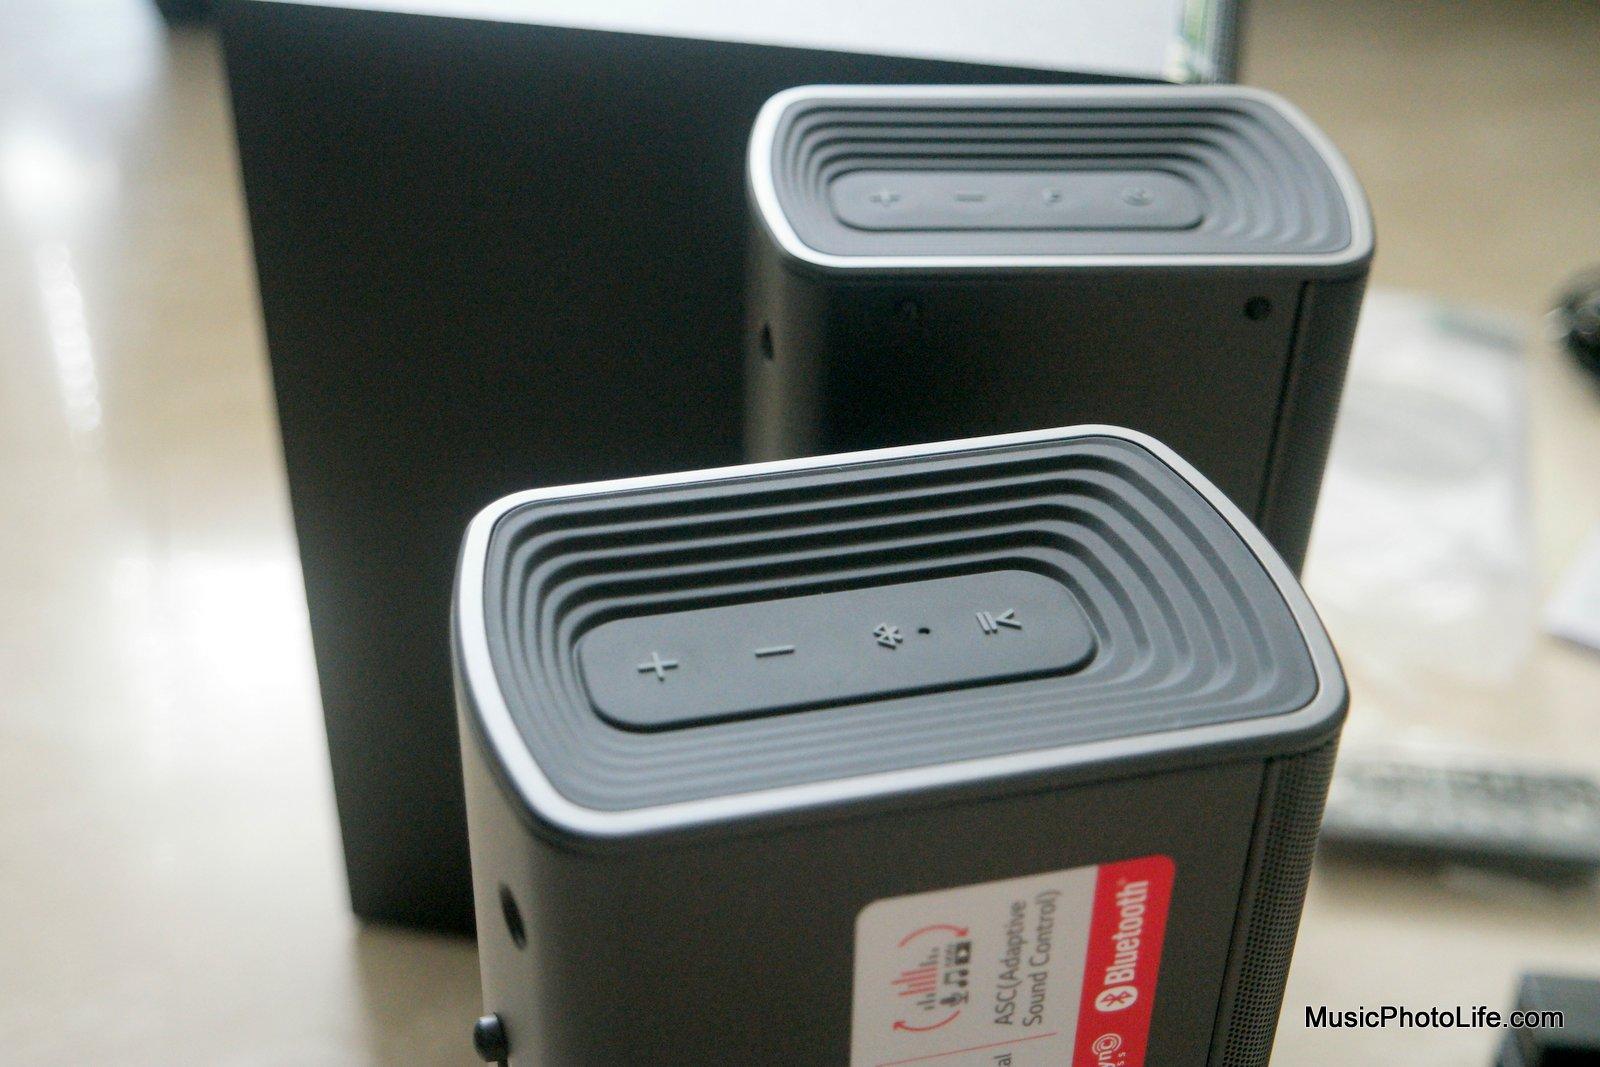 LG Sound Bar Flex SJ7 review by musicphotolife.com